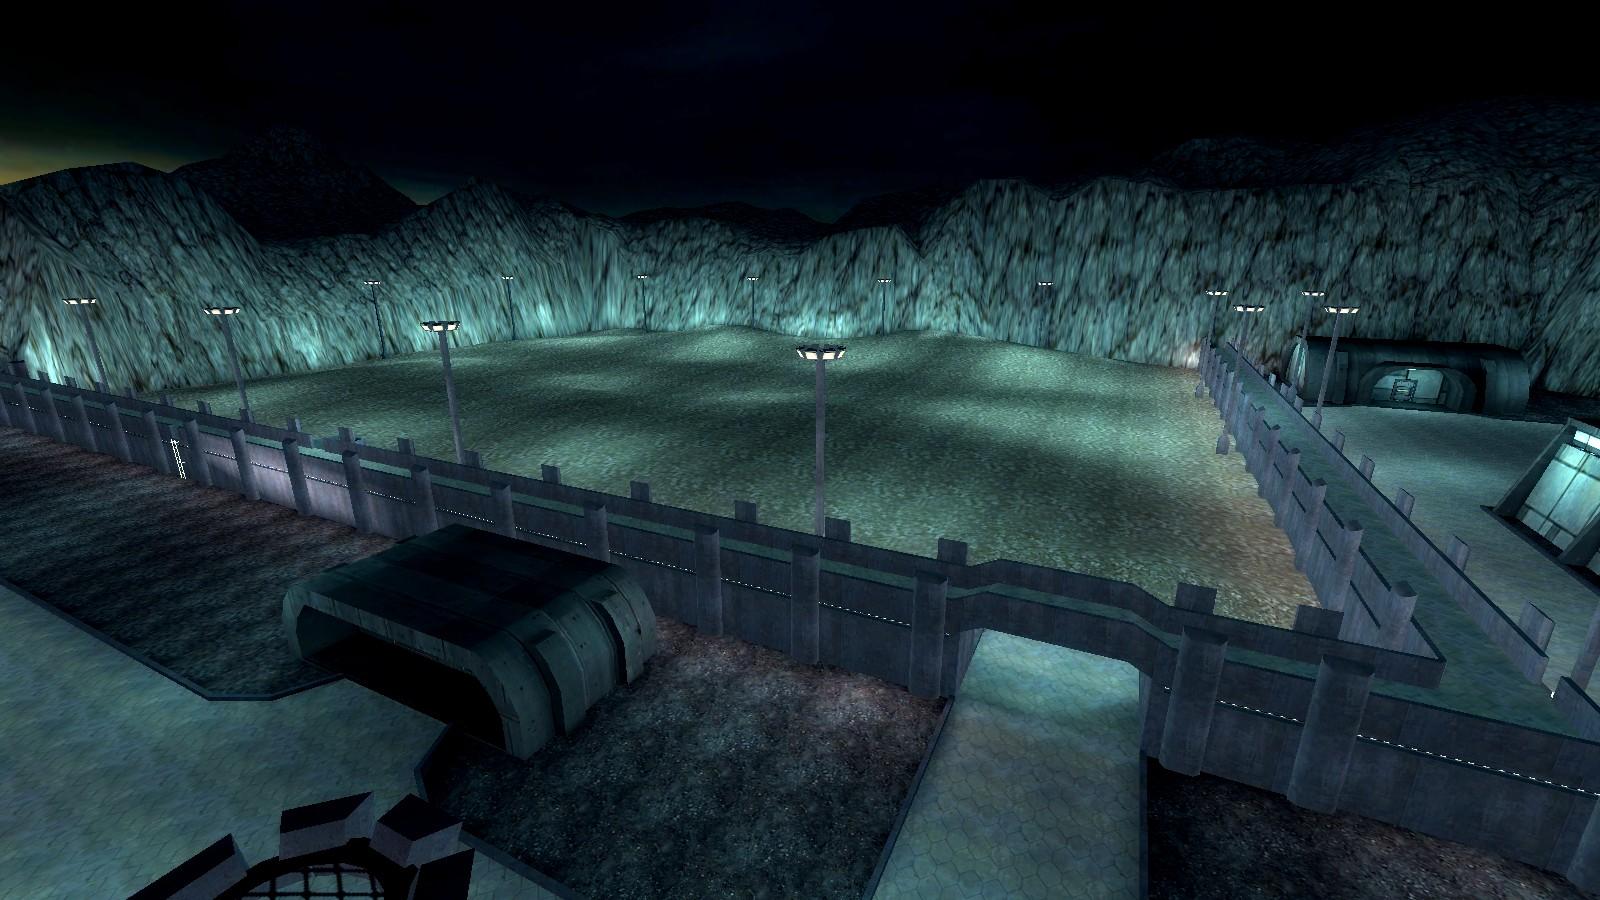 Gmod space adventure map download on gmod venturian tale facebook, minecraft adventure maps, pc adventure maps, gmod ttt, mario adventure maps, pokemon adventure maps,